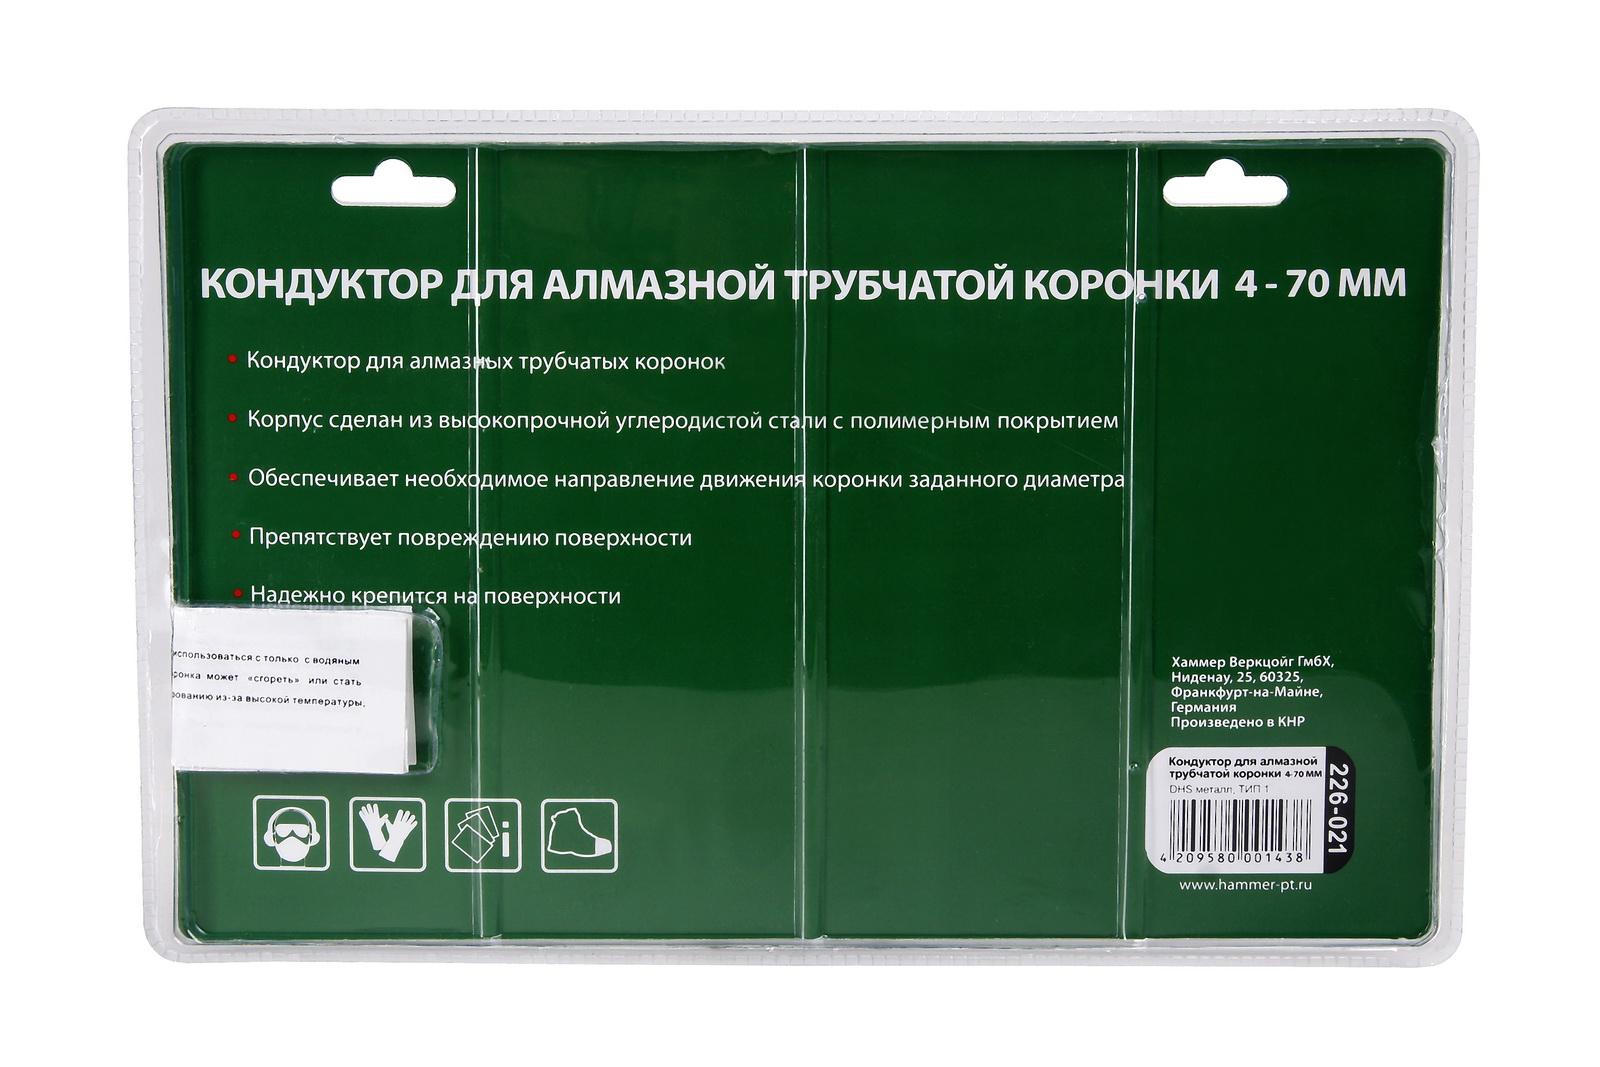 Кондуктор для сверления отверстий Hammer для коронок 4-70мм, dhs металл, ТИП 1